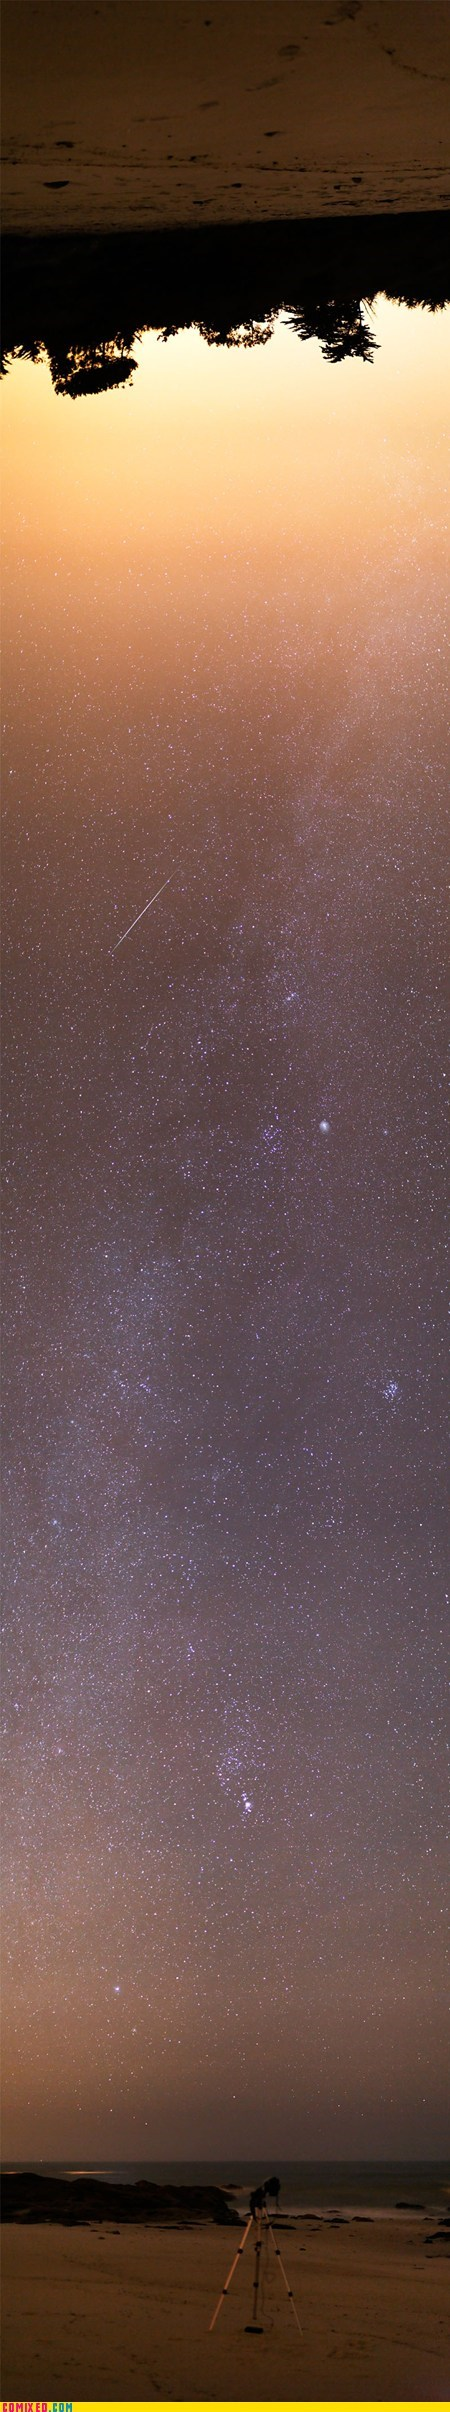 amazing Astronomy flip horizon sky - 5472718336